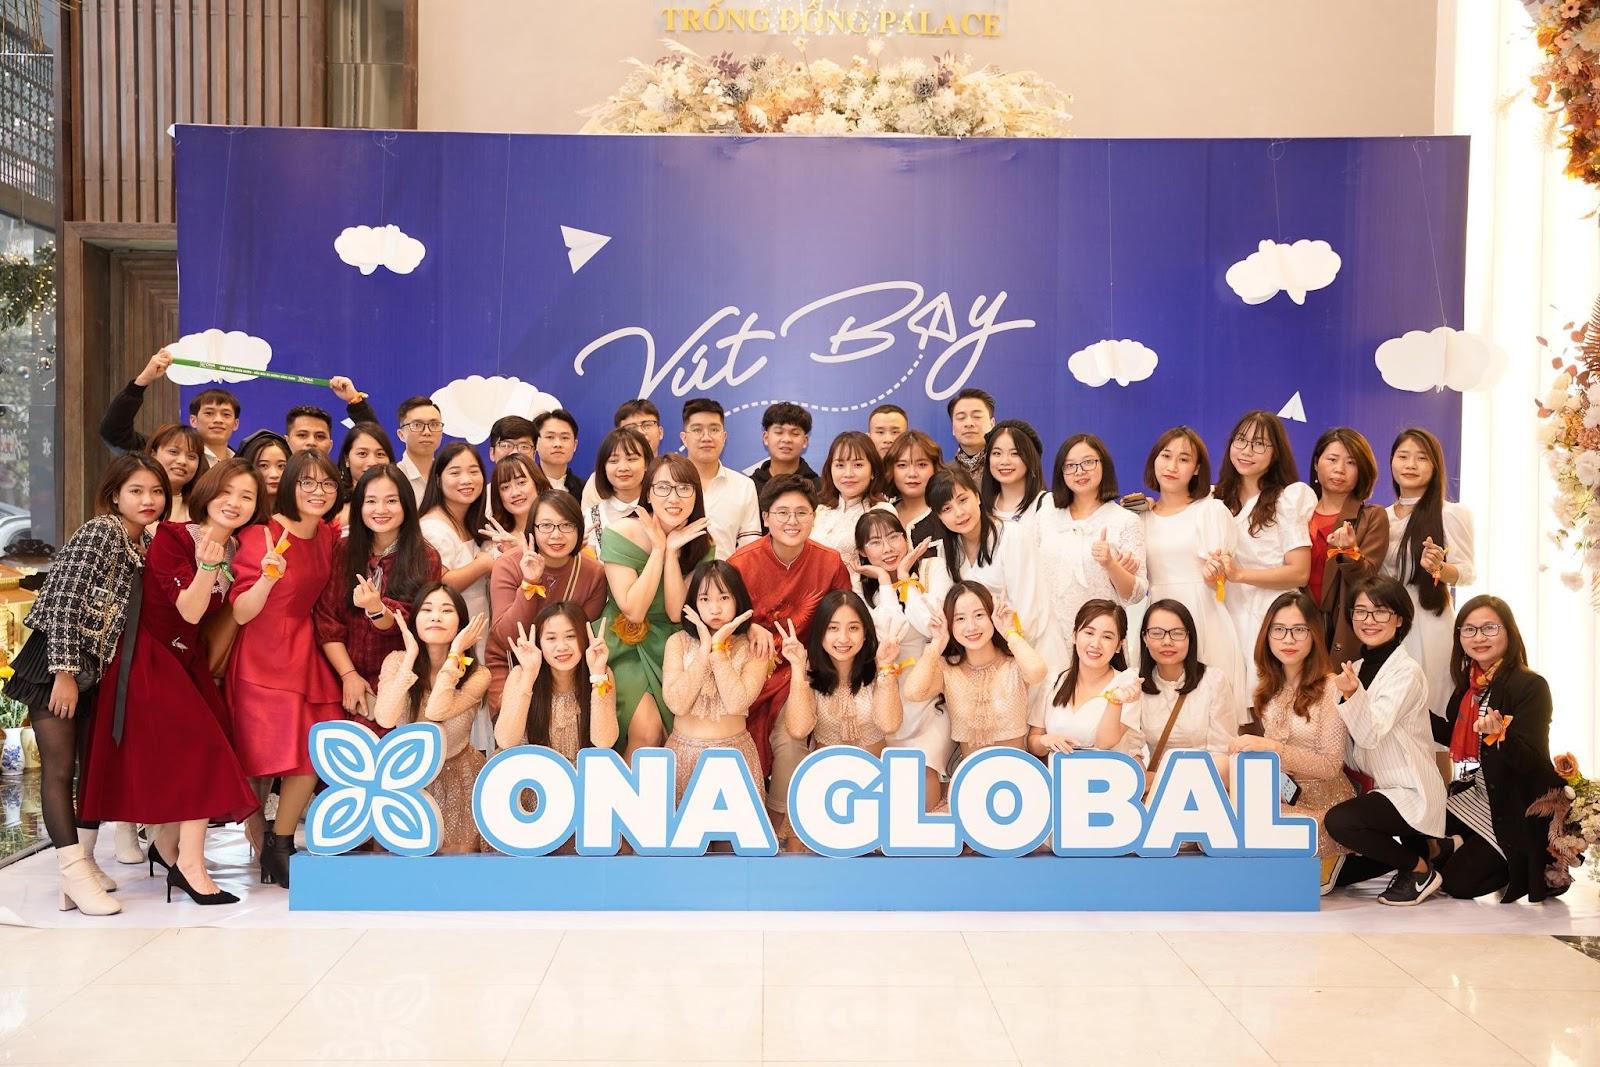 """Ona Global: Vỡ òa cảm xúc trong đại tiệc cuối năm """"hành trang vút bay"""" - Ảnh 6"""